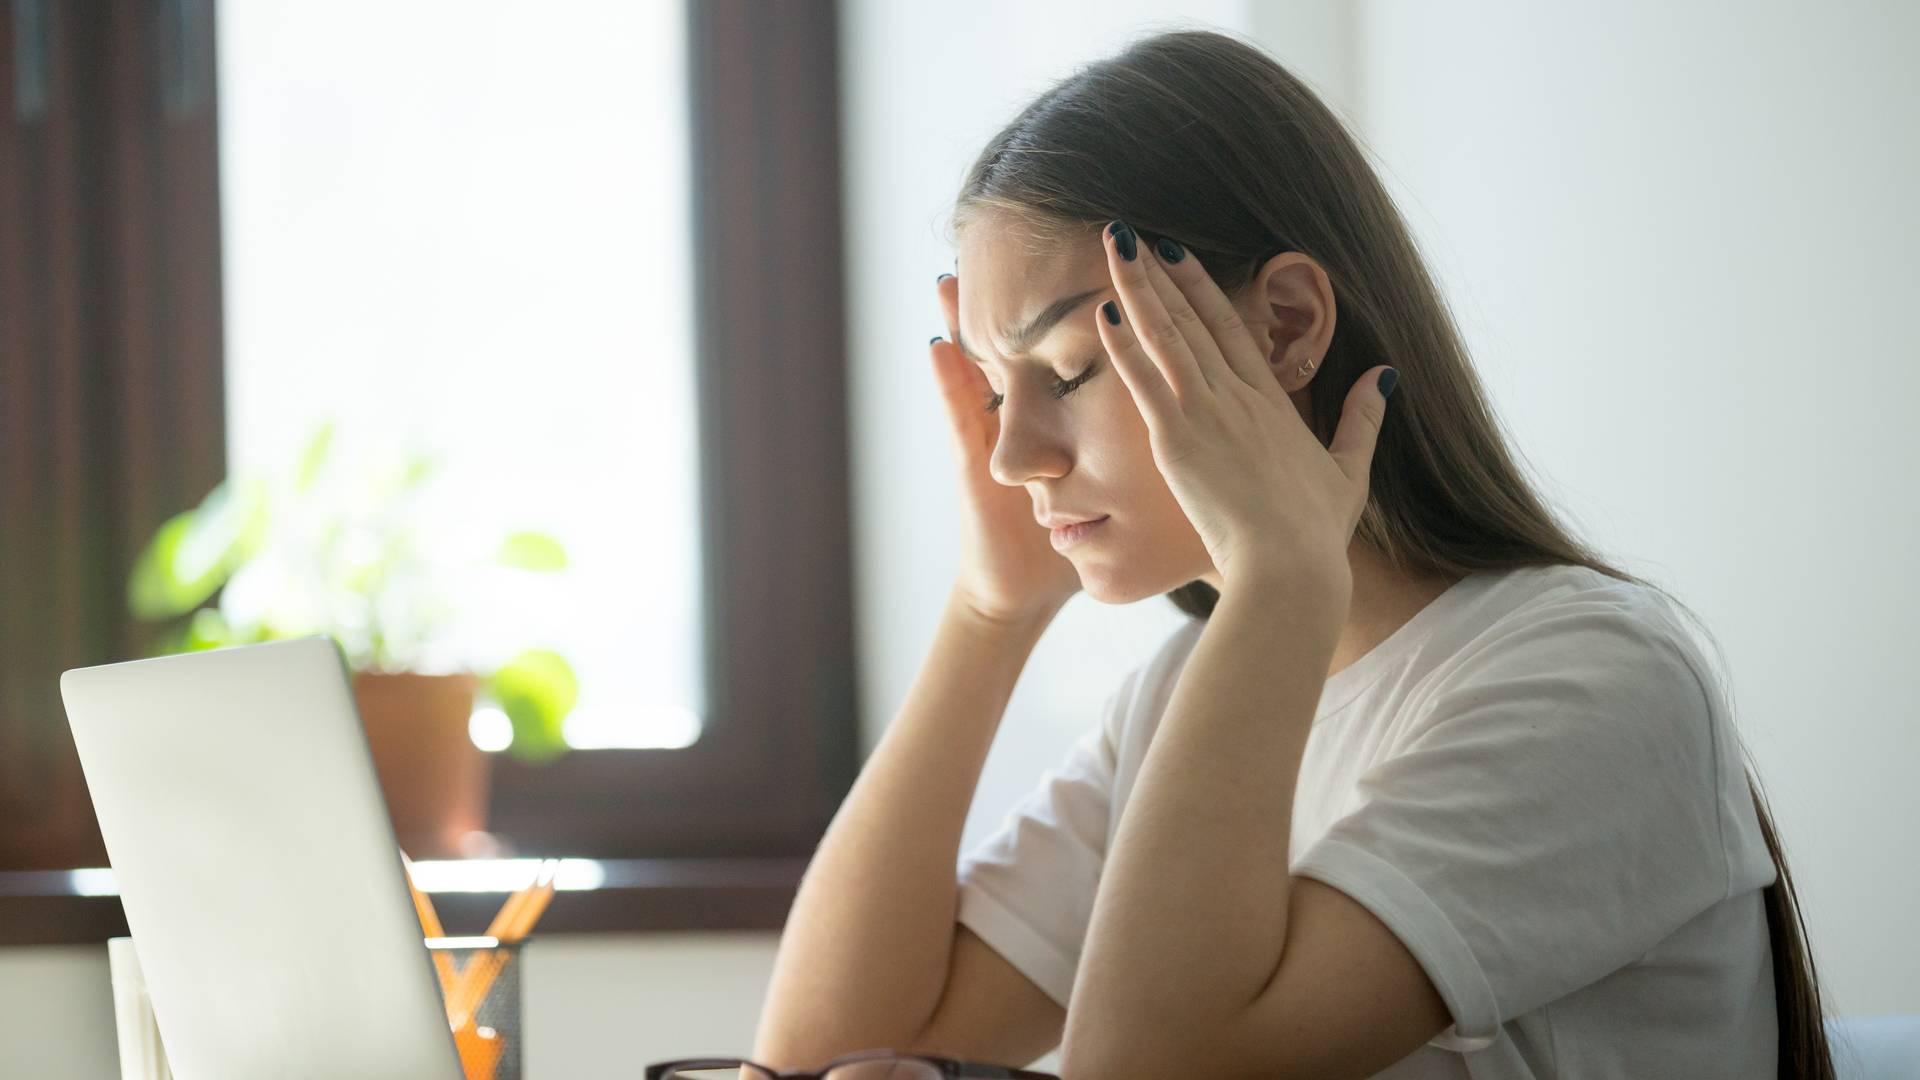 Что может вызывать ухудшение зрения и головную боль? - medical insider